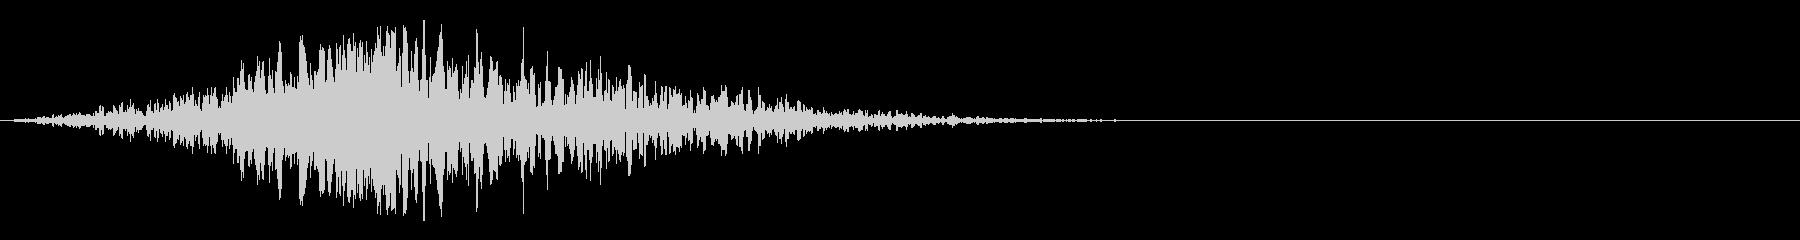 キュイーンどん:迫力ある上昇してどんの音の未再生の波形